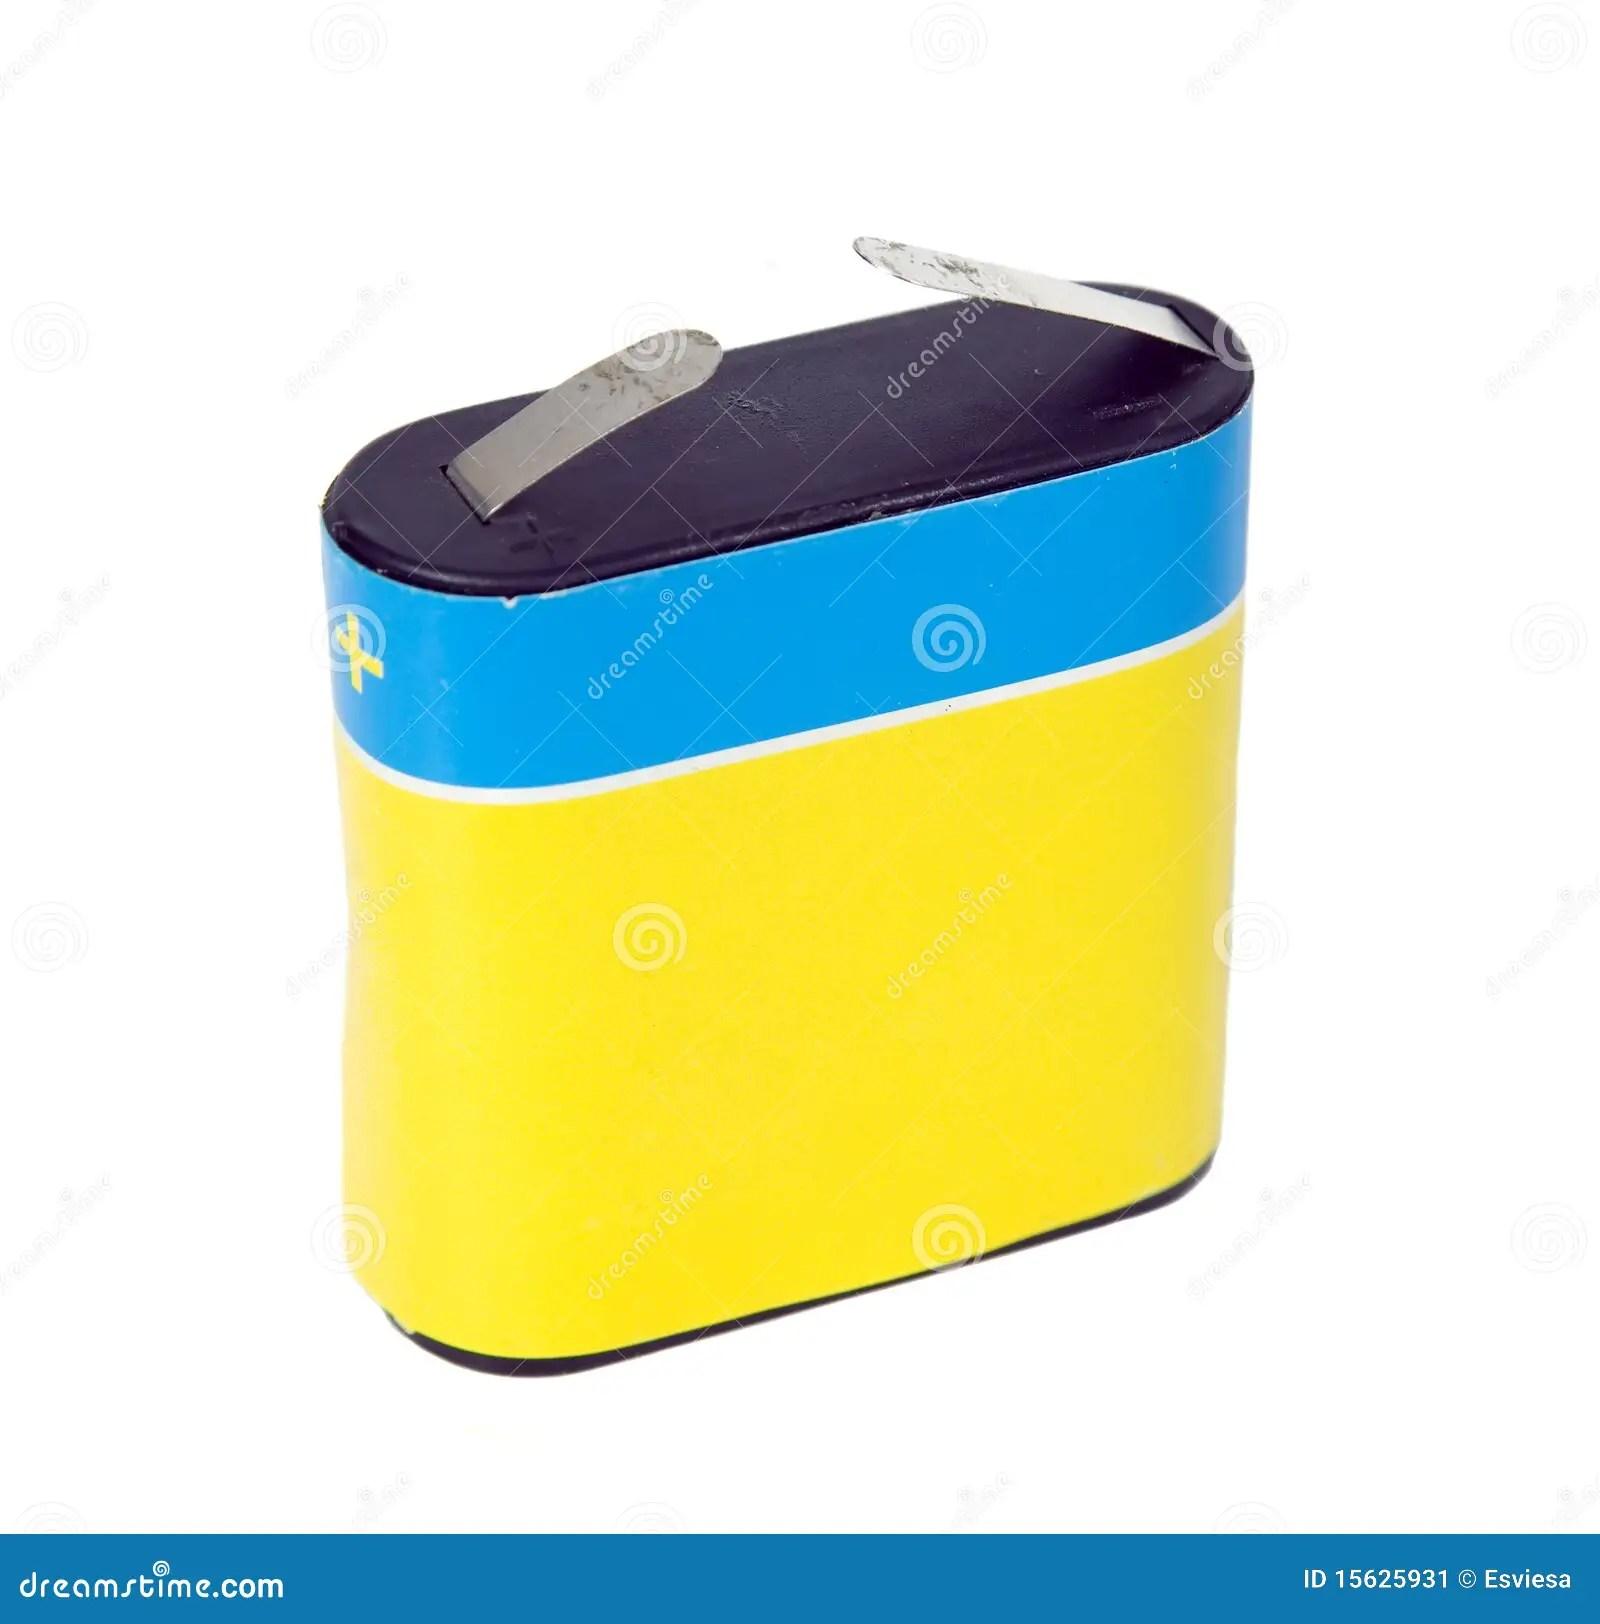 12 volt und 7 anper batterien gell fishbone diagram lab values normal alkalische batterie mit zwei kontakten stockbild bild